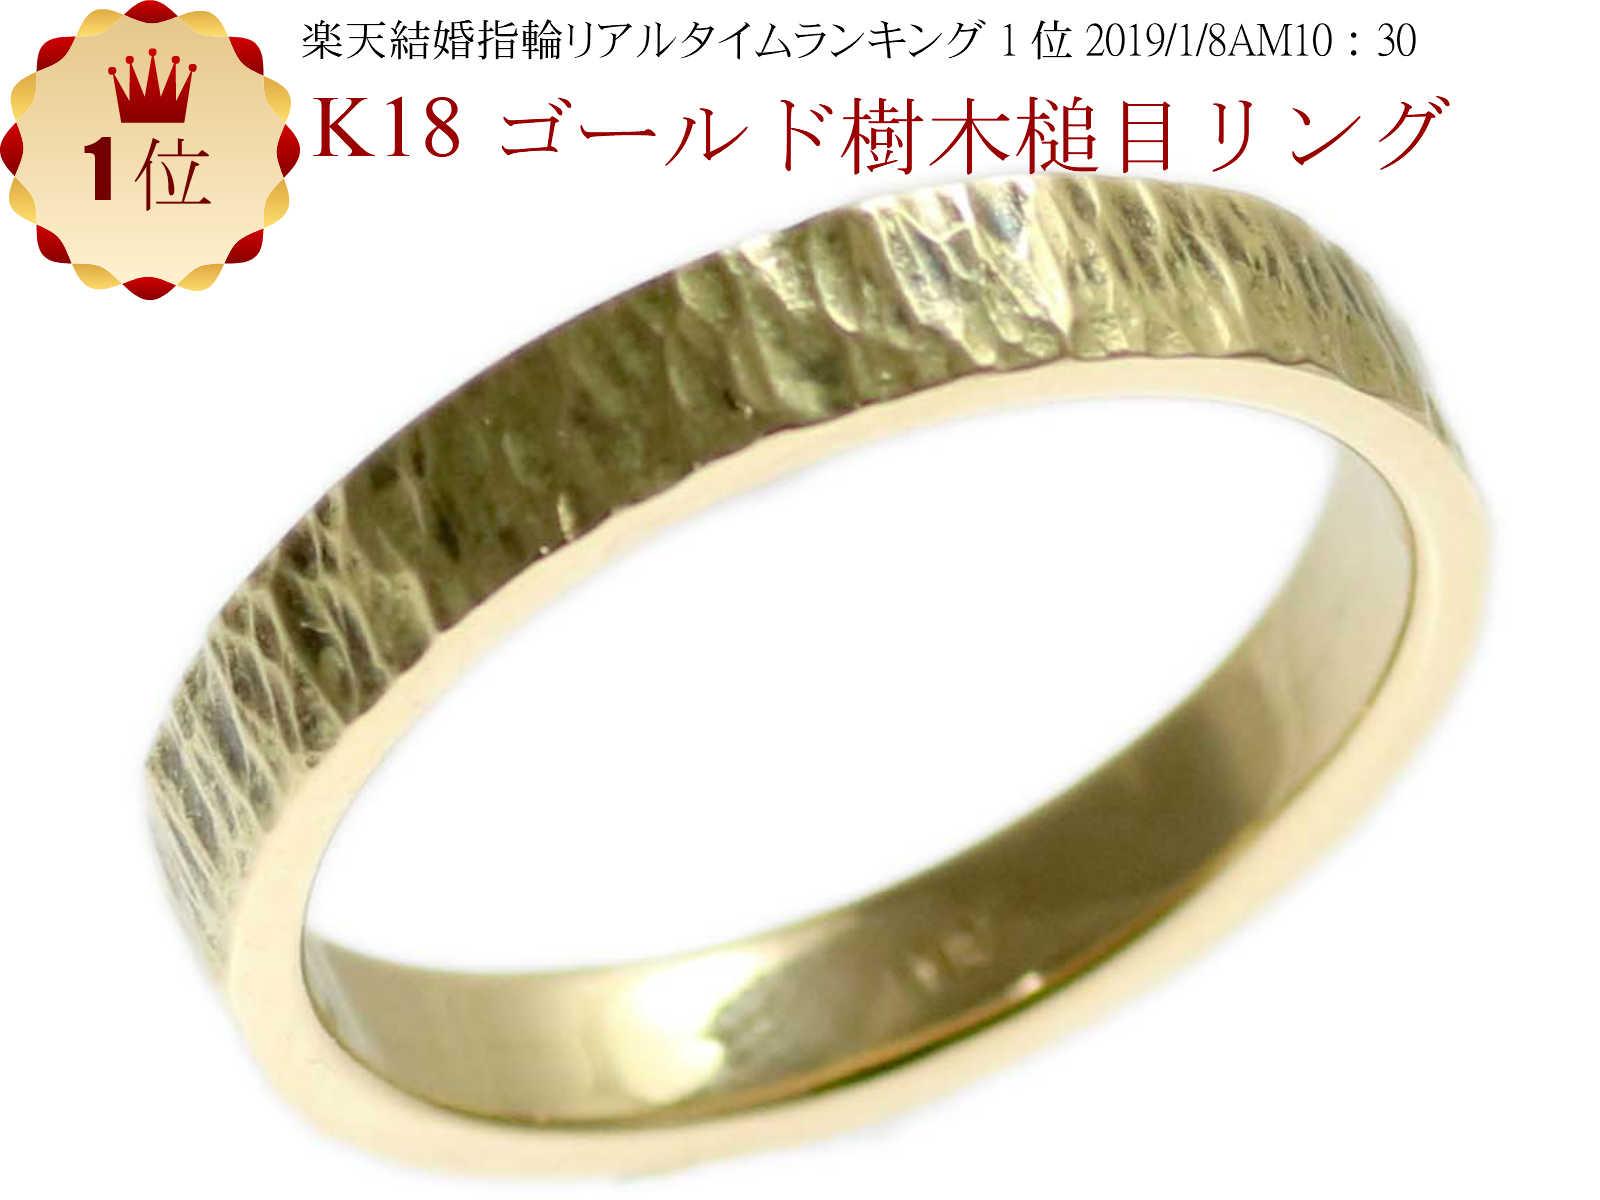 結婚指輪 マリッジリング 樹木 槌目リング k18 ゴールド 18金 手作り ハンドメイド ゴールドリング K18 リング 【はこぽす対応商品】 02P03Dec16 【新春セール】